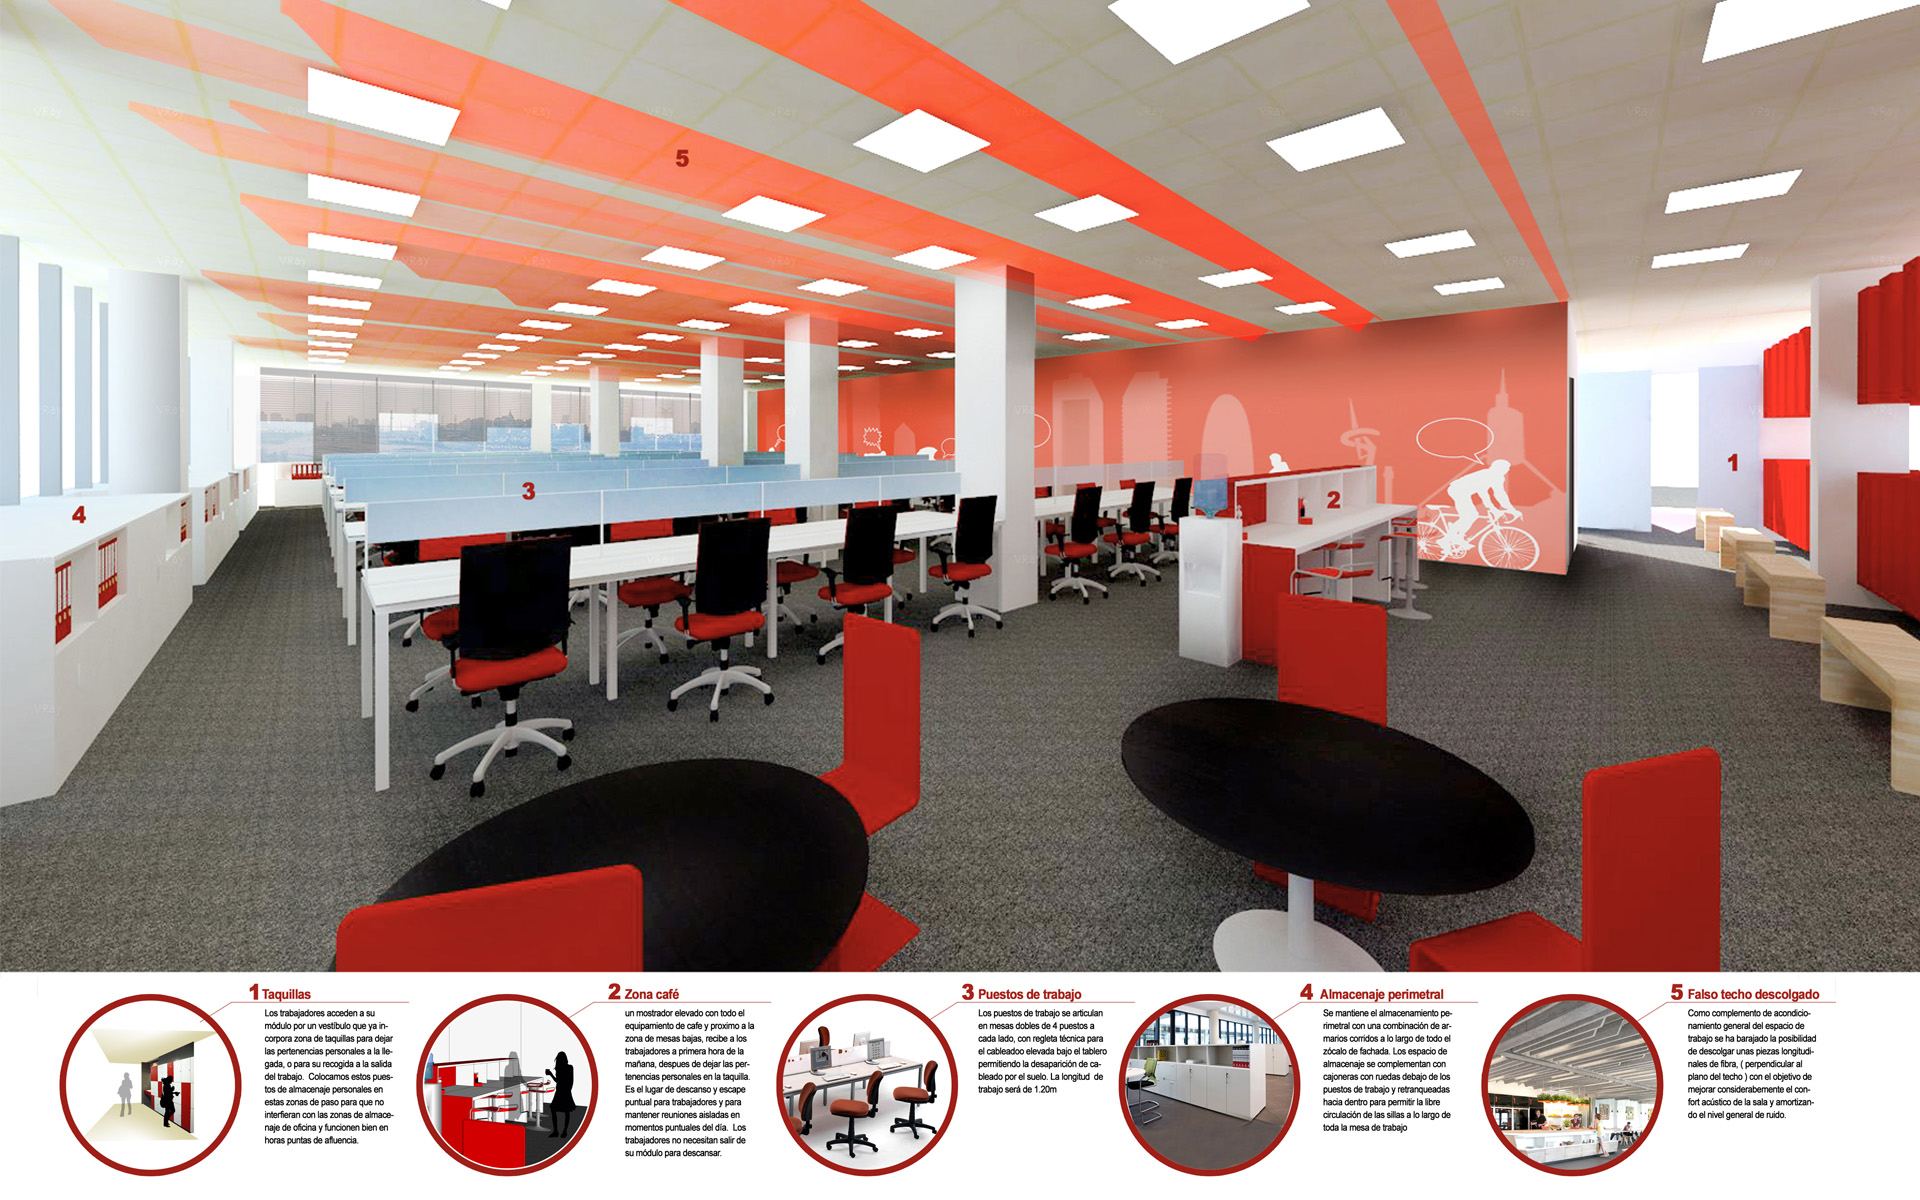 Interiorismo oficinas licencias de actividad for Oficinas linea directa madrid